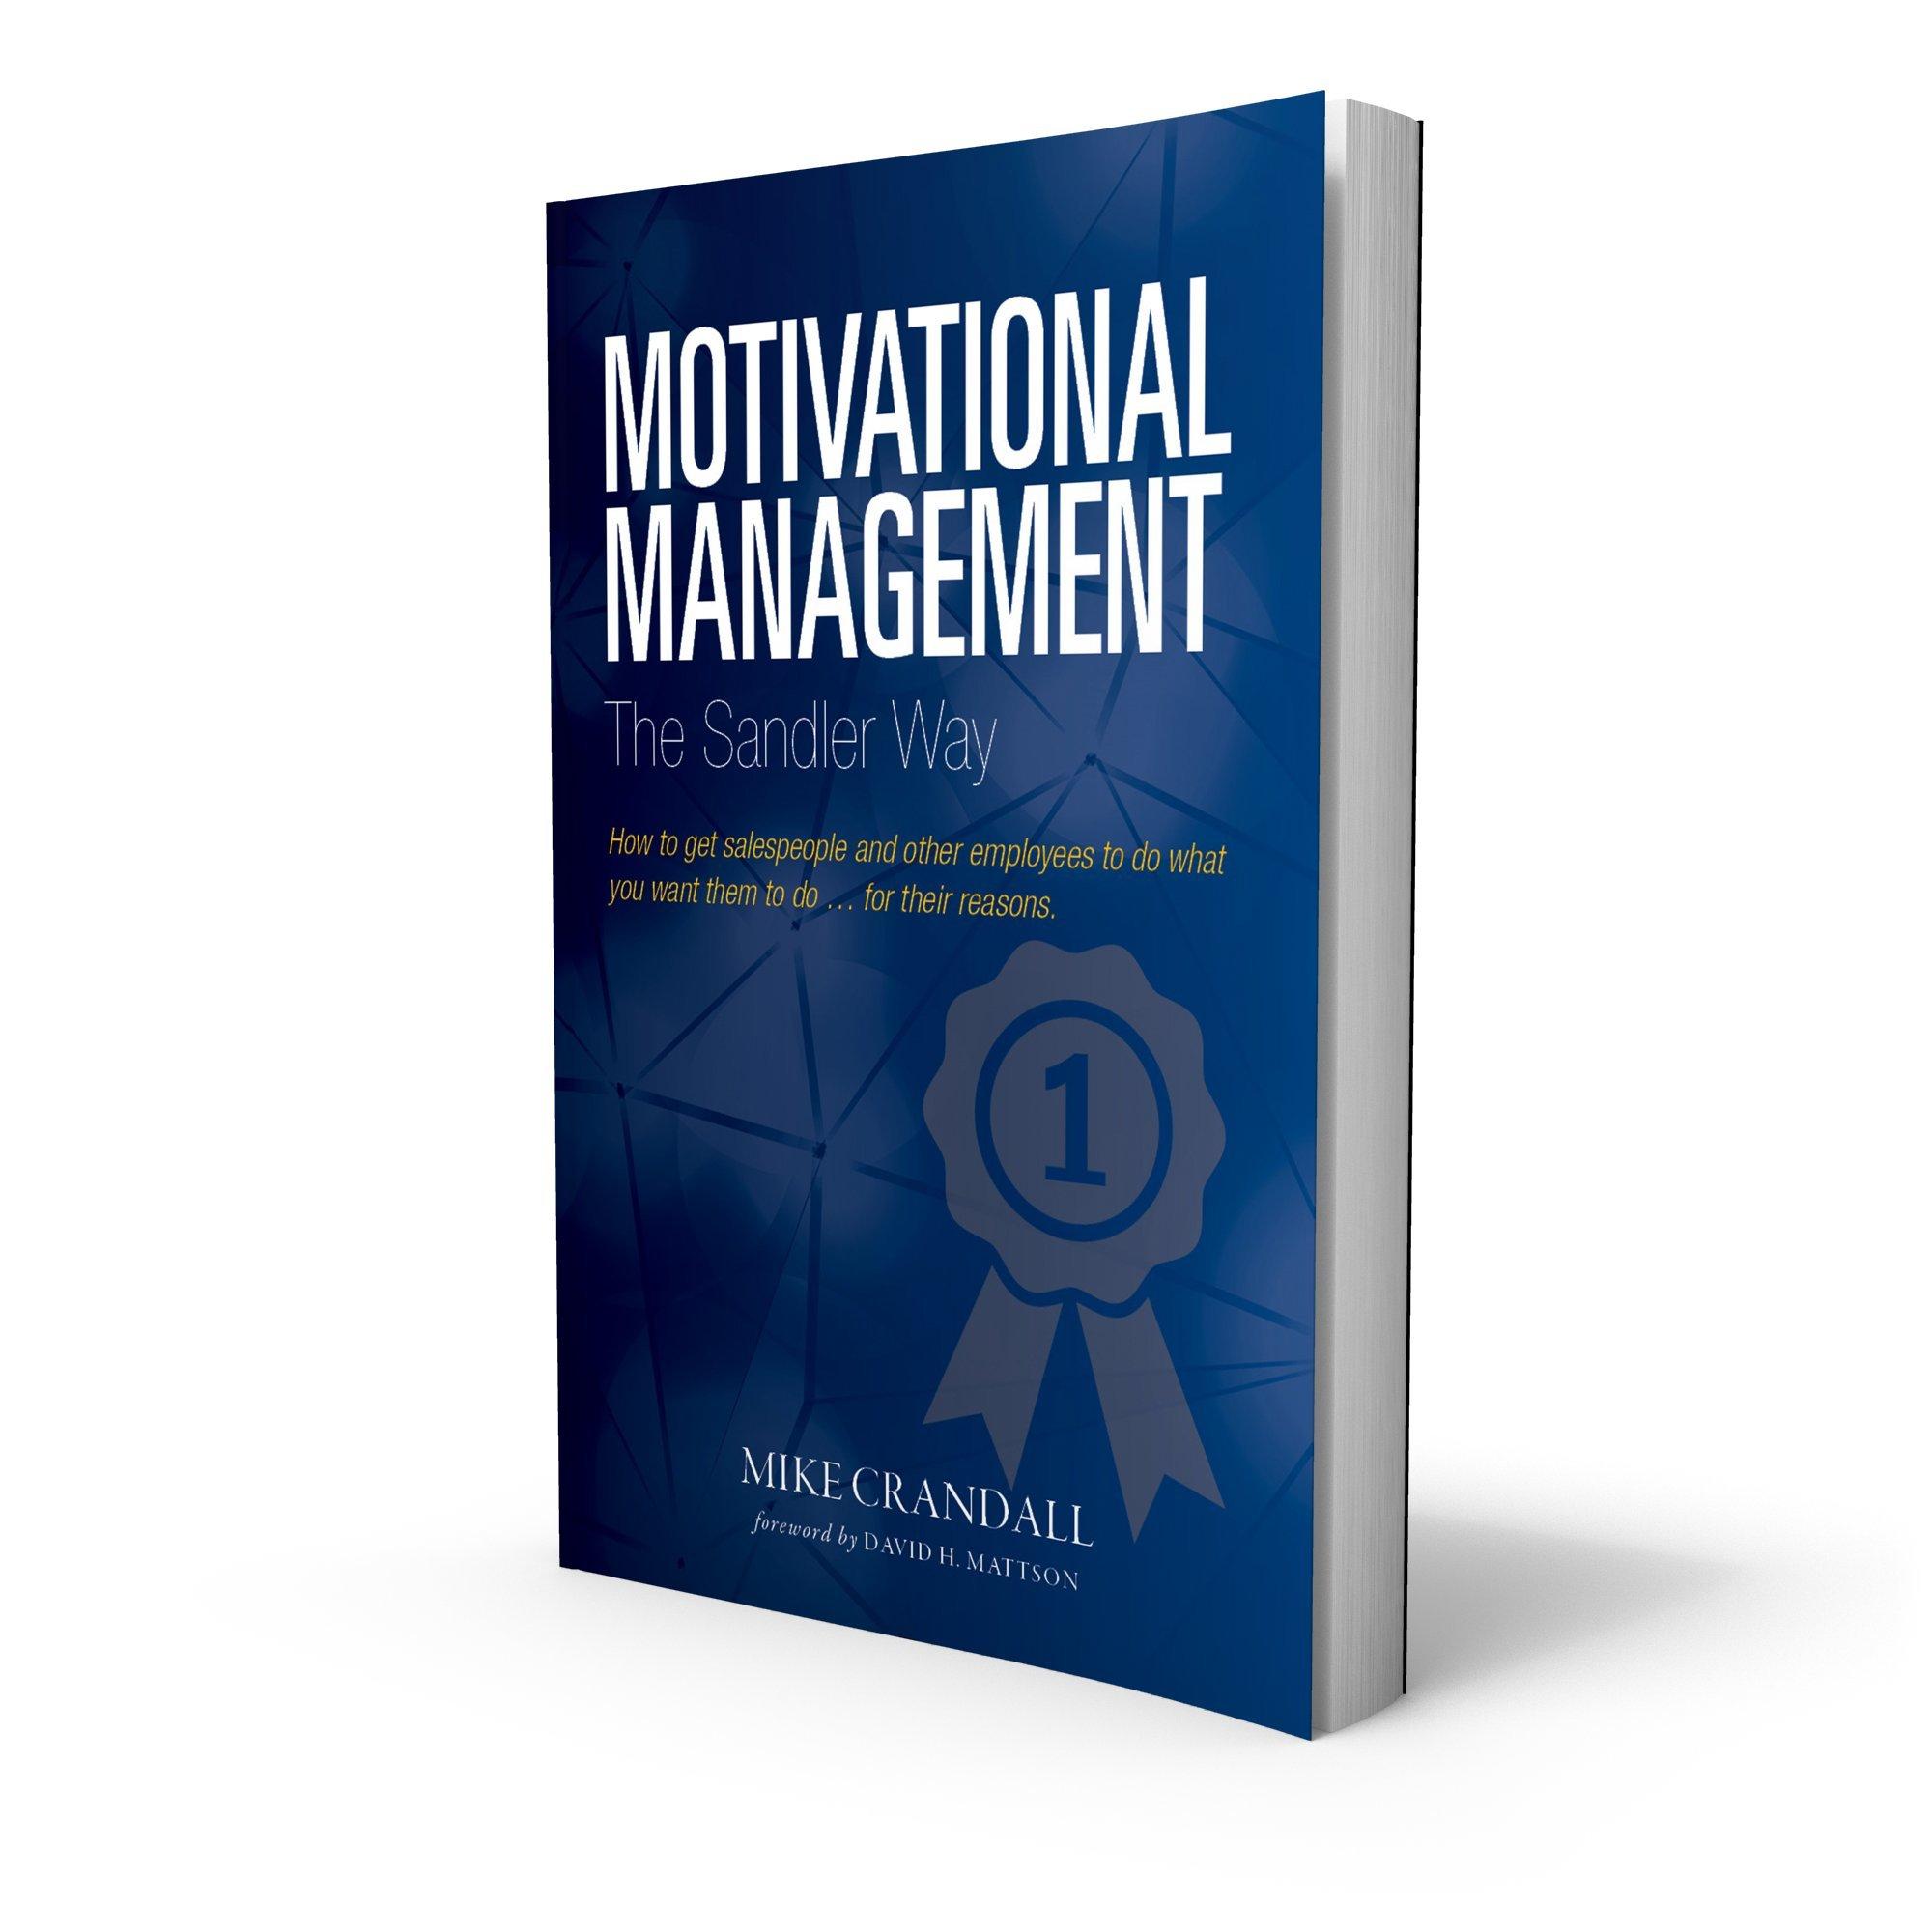 Motivational Management The Sandler Way pdf